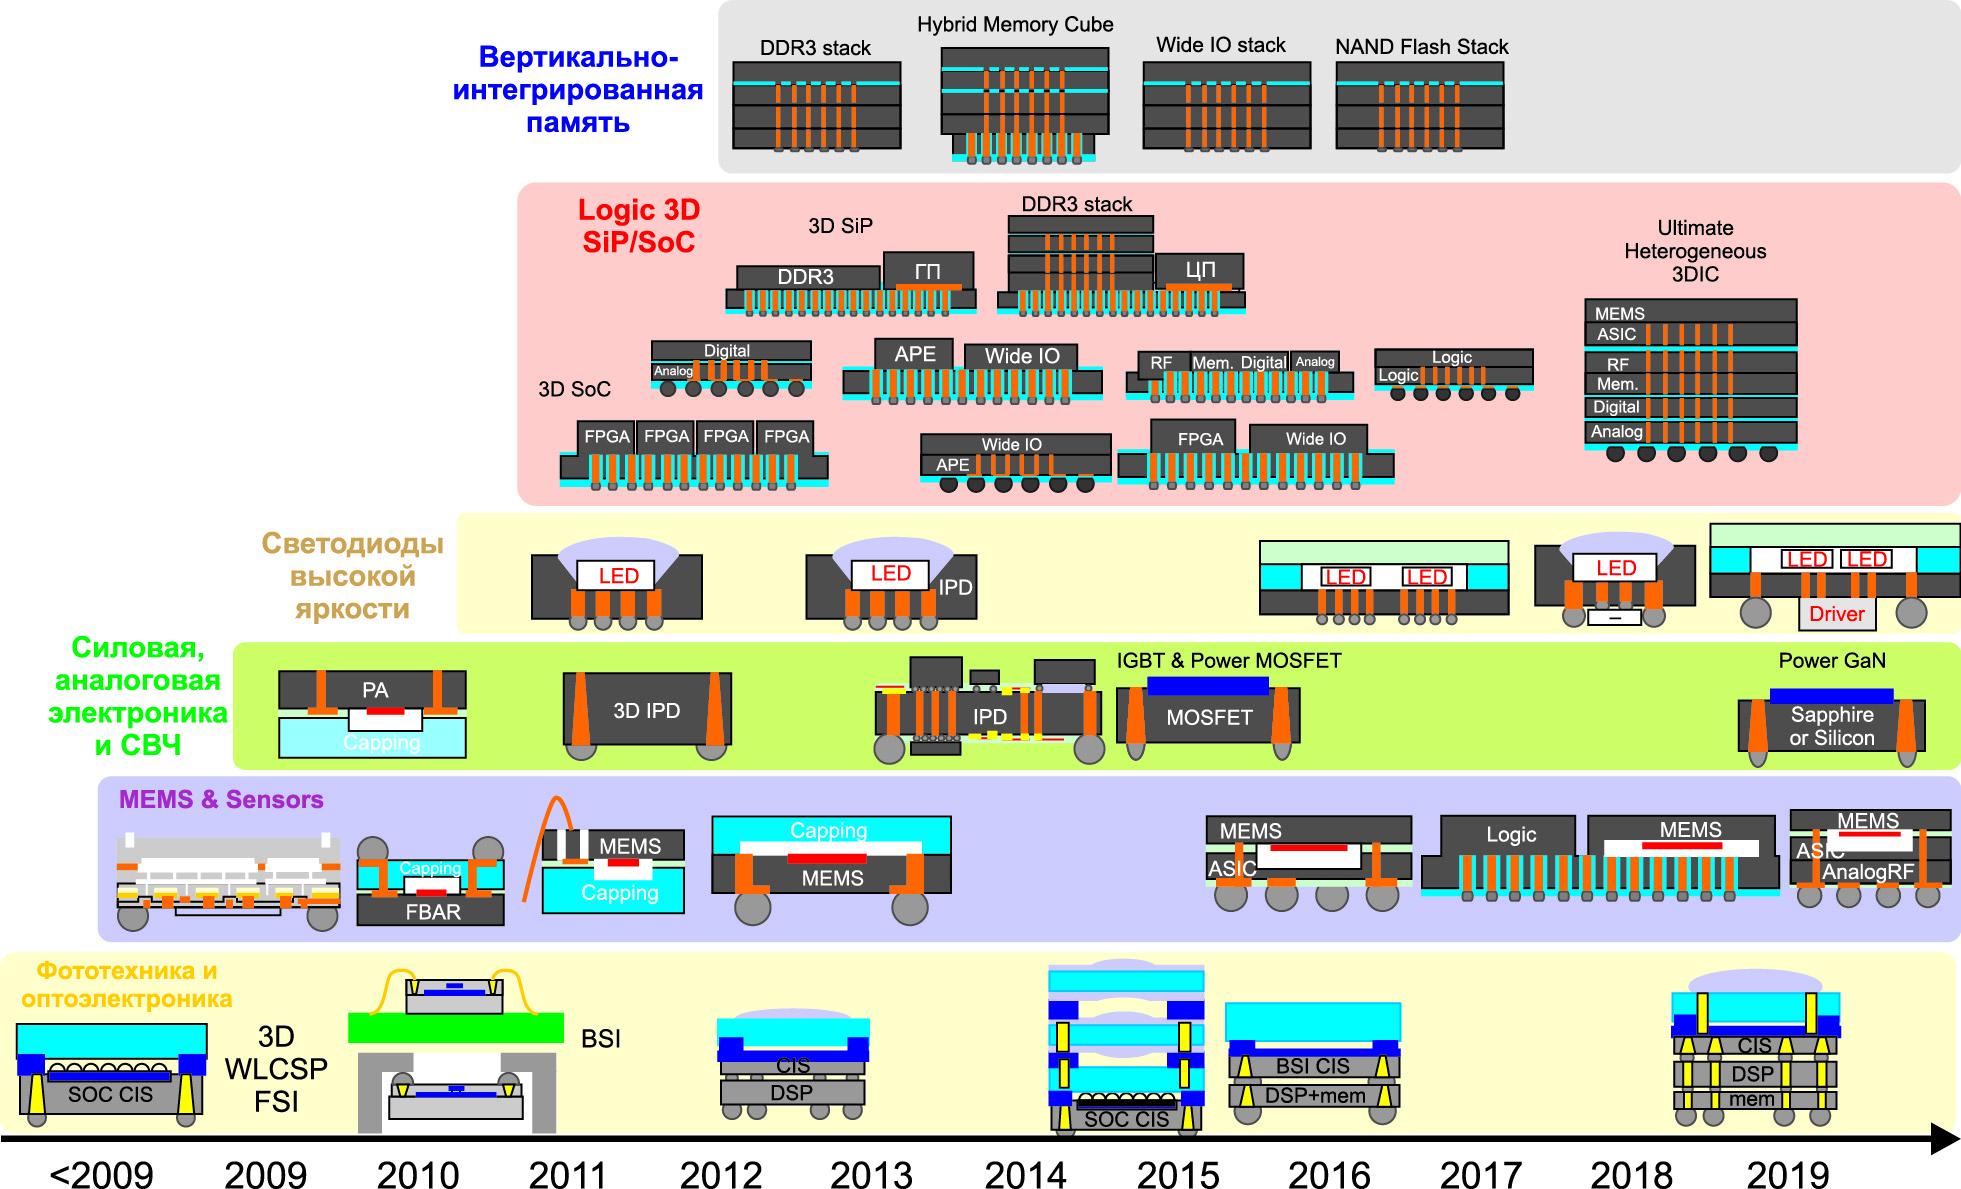 Дорожная карта развития технологии 3D-сборки микросхем (источник: Yole Development)